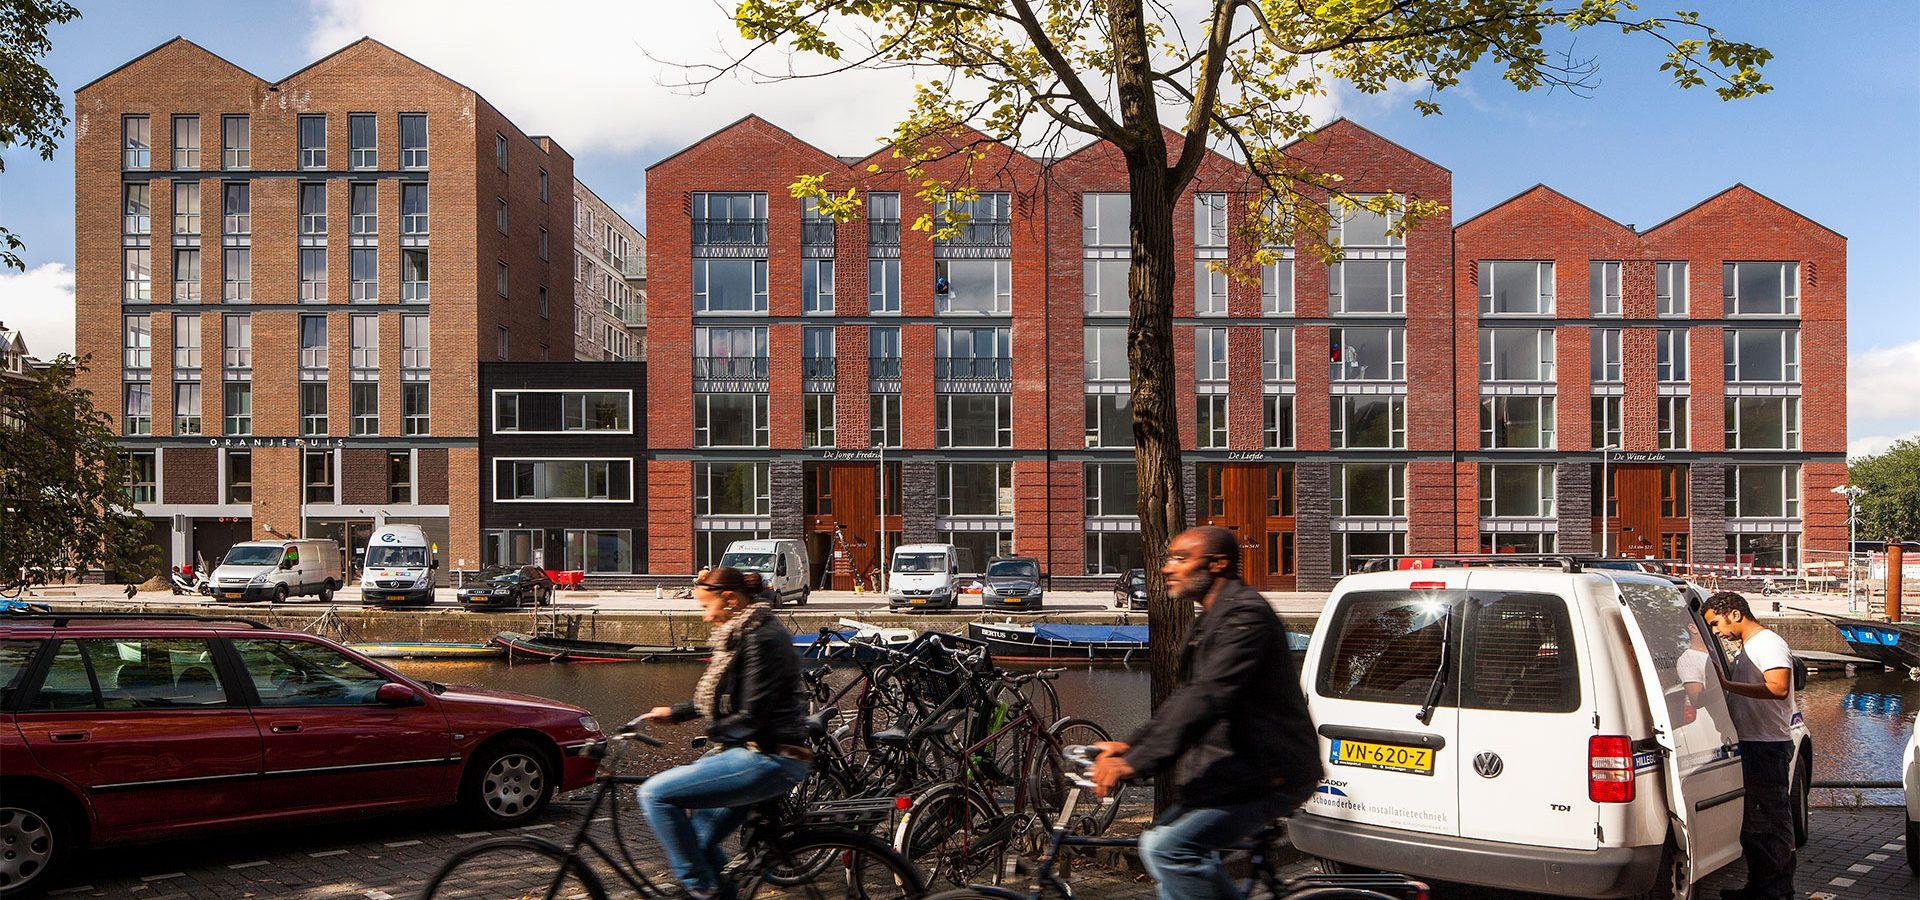 FARO architecten Kwintijn 1 Amsterdam 05